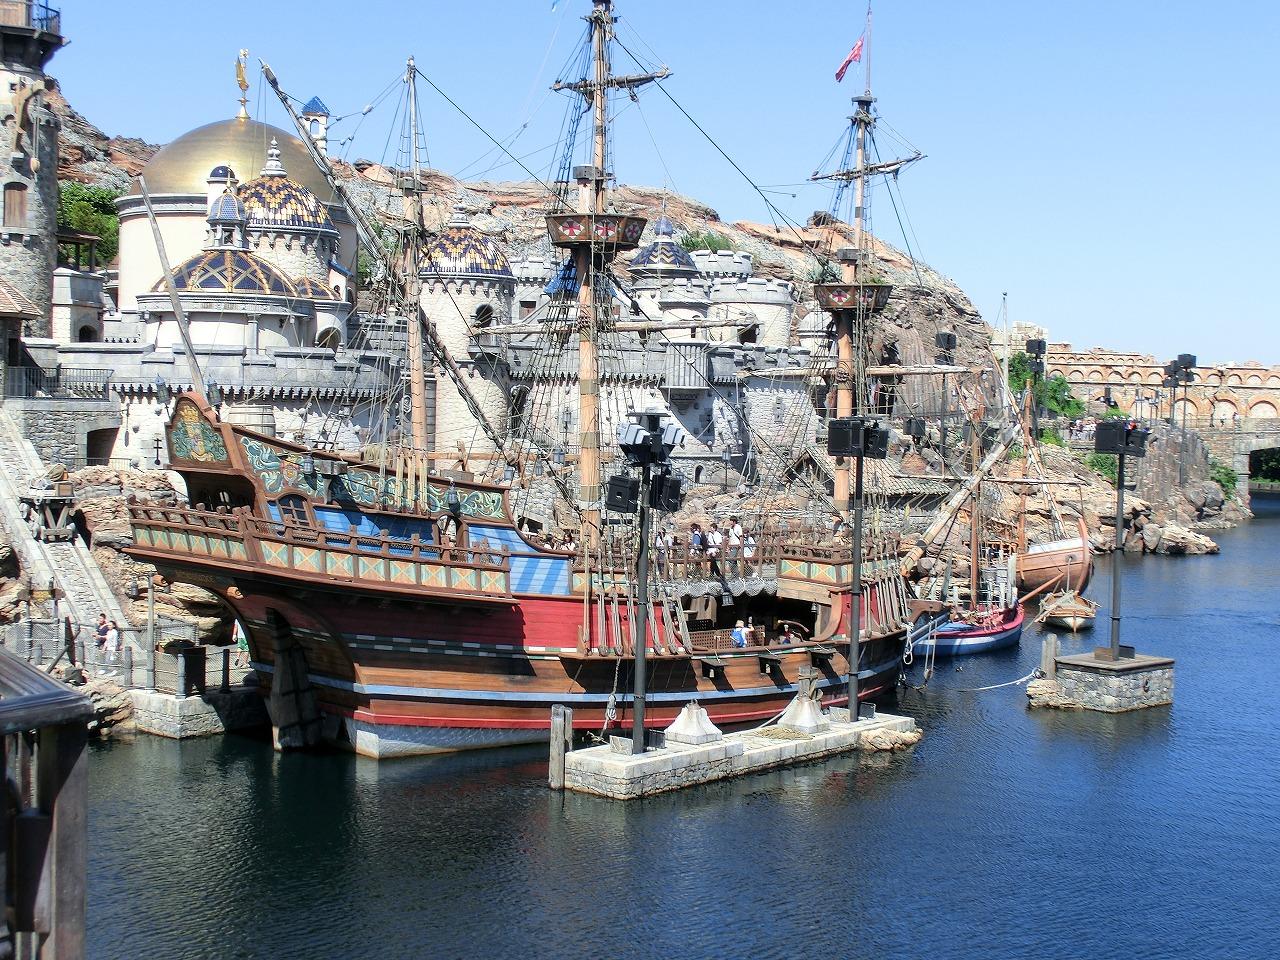 東京ディズニーシーの帆船たち』 第1回:ルネサンス号 〜その1ガレオン